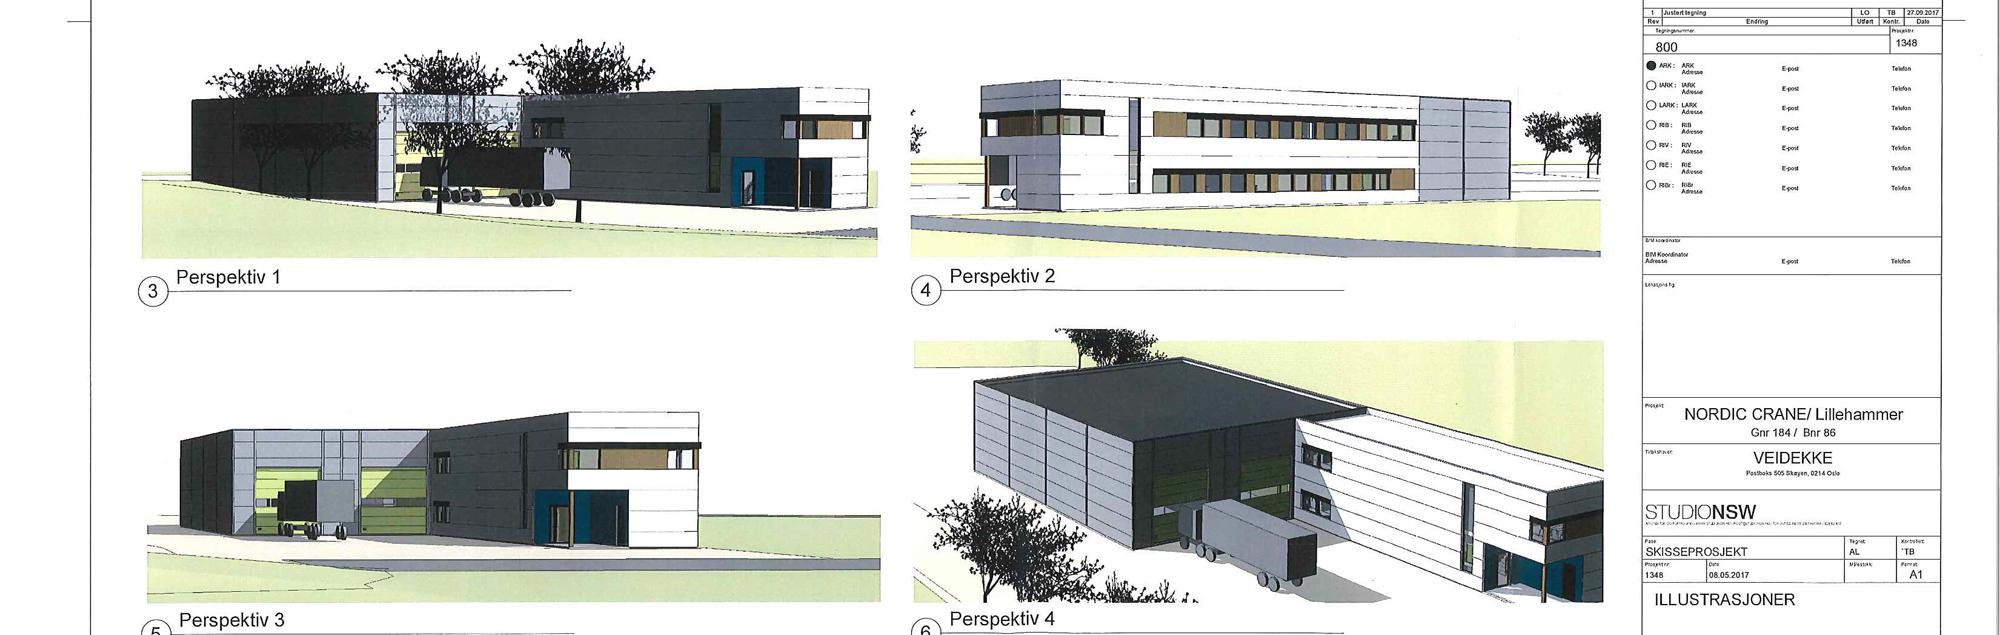 Utvikler ny eiendom i Lillehammer